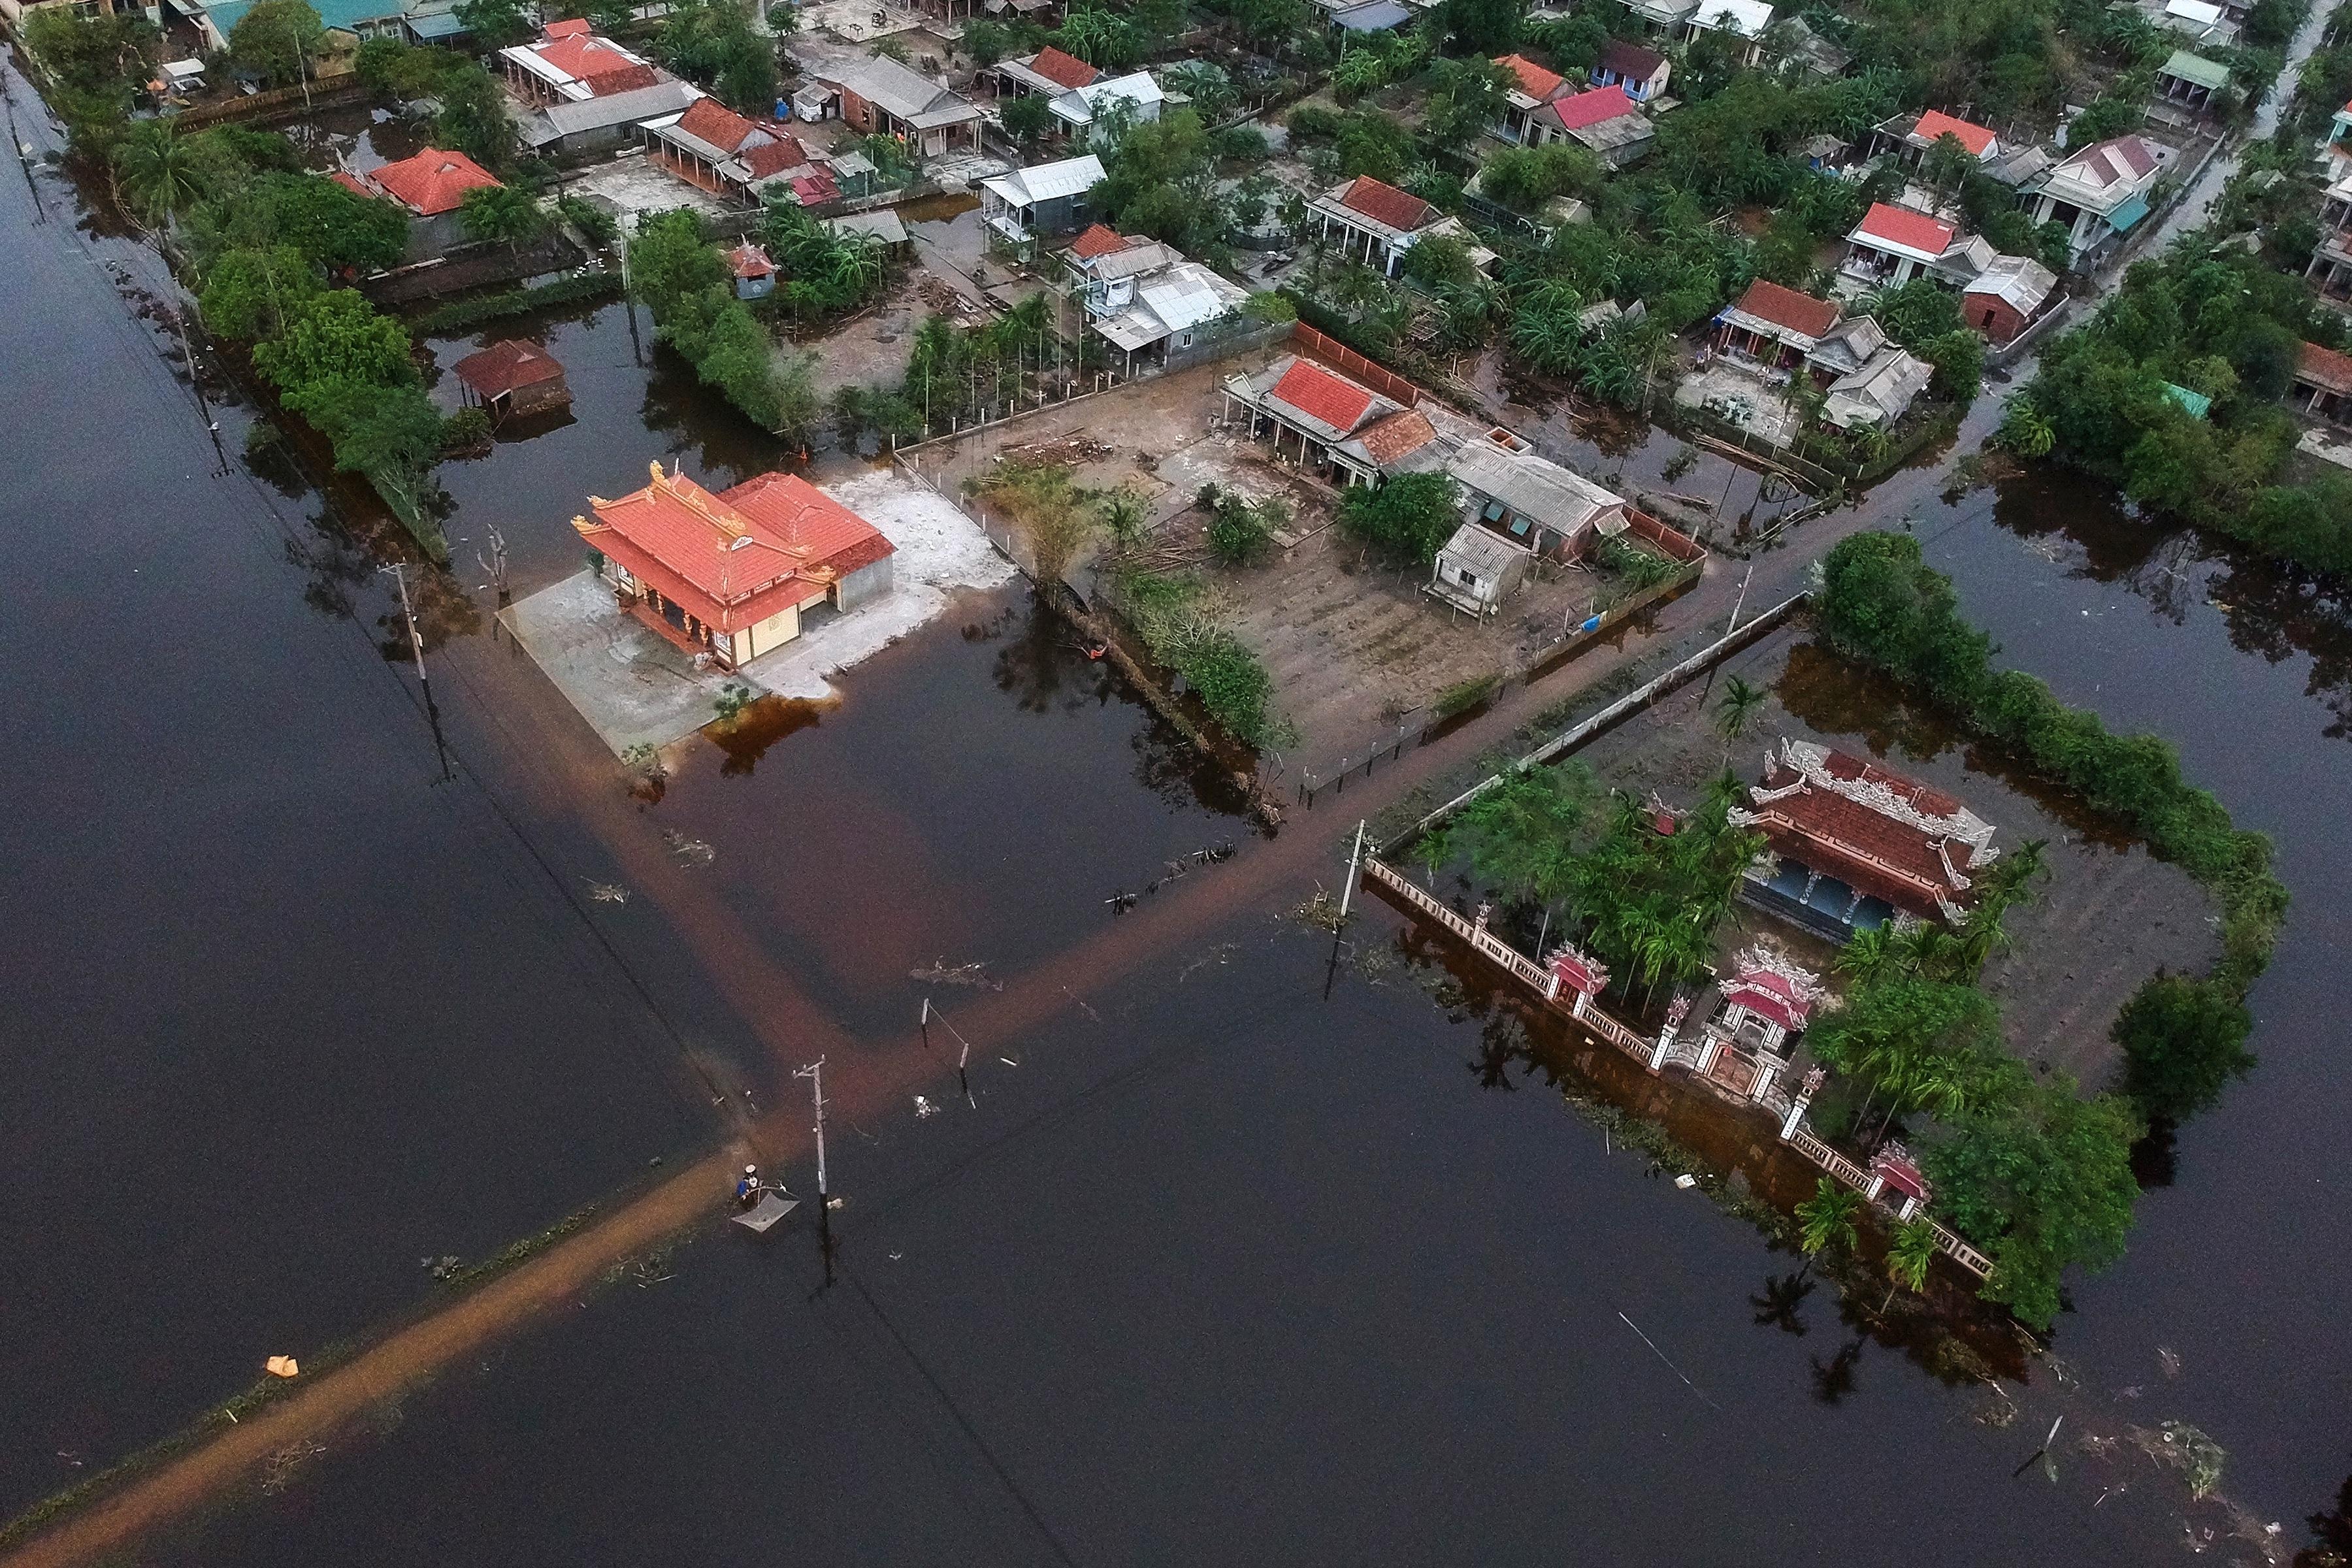 Через природні катаклізми у В'єтнамі постраждало понад 5 млн осіб - ООН - фото 7